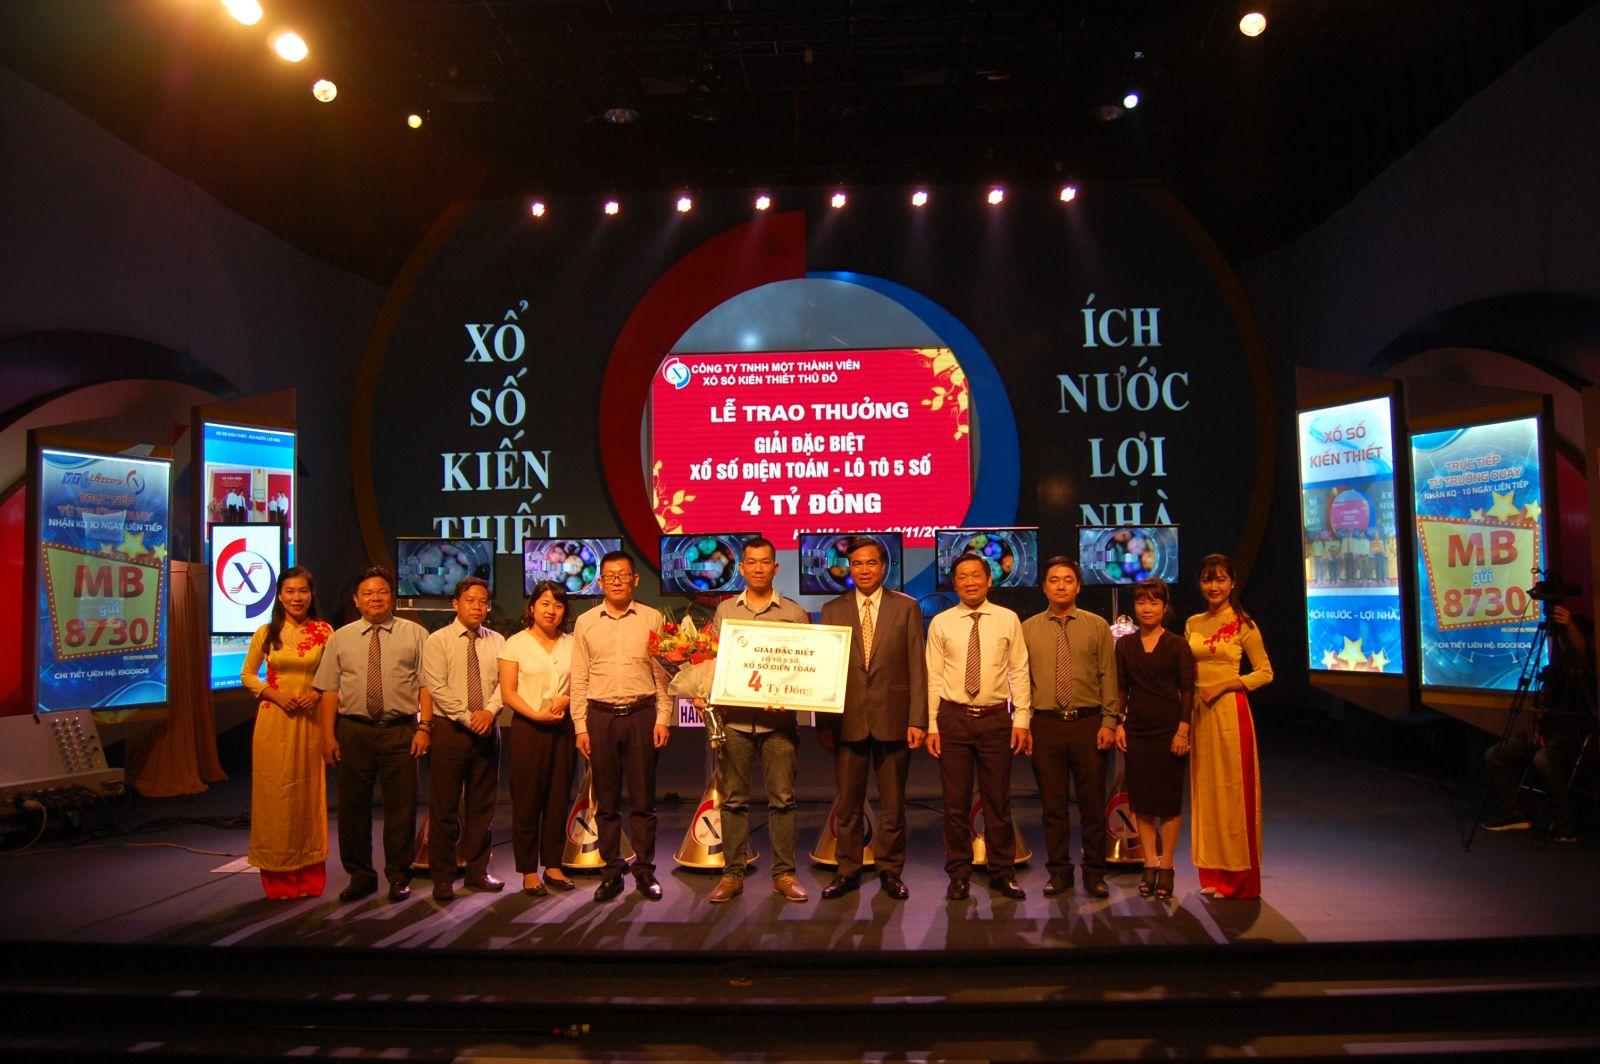 Lễ trao thưởng 4 tỷ đồng